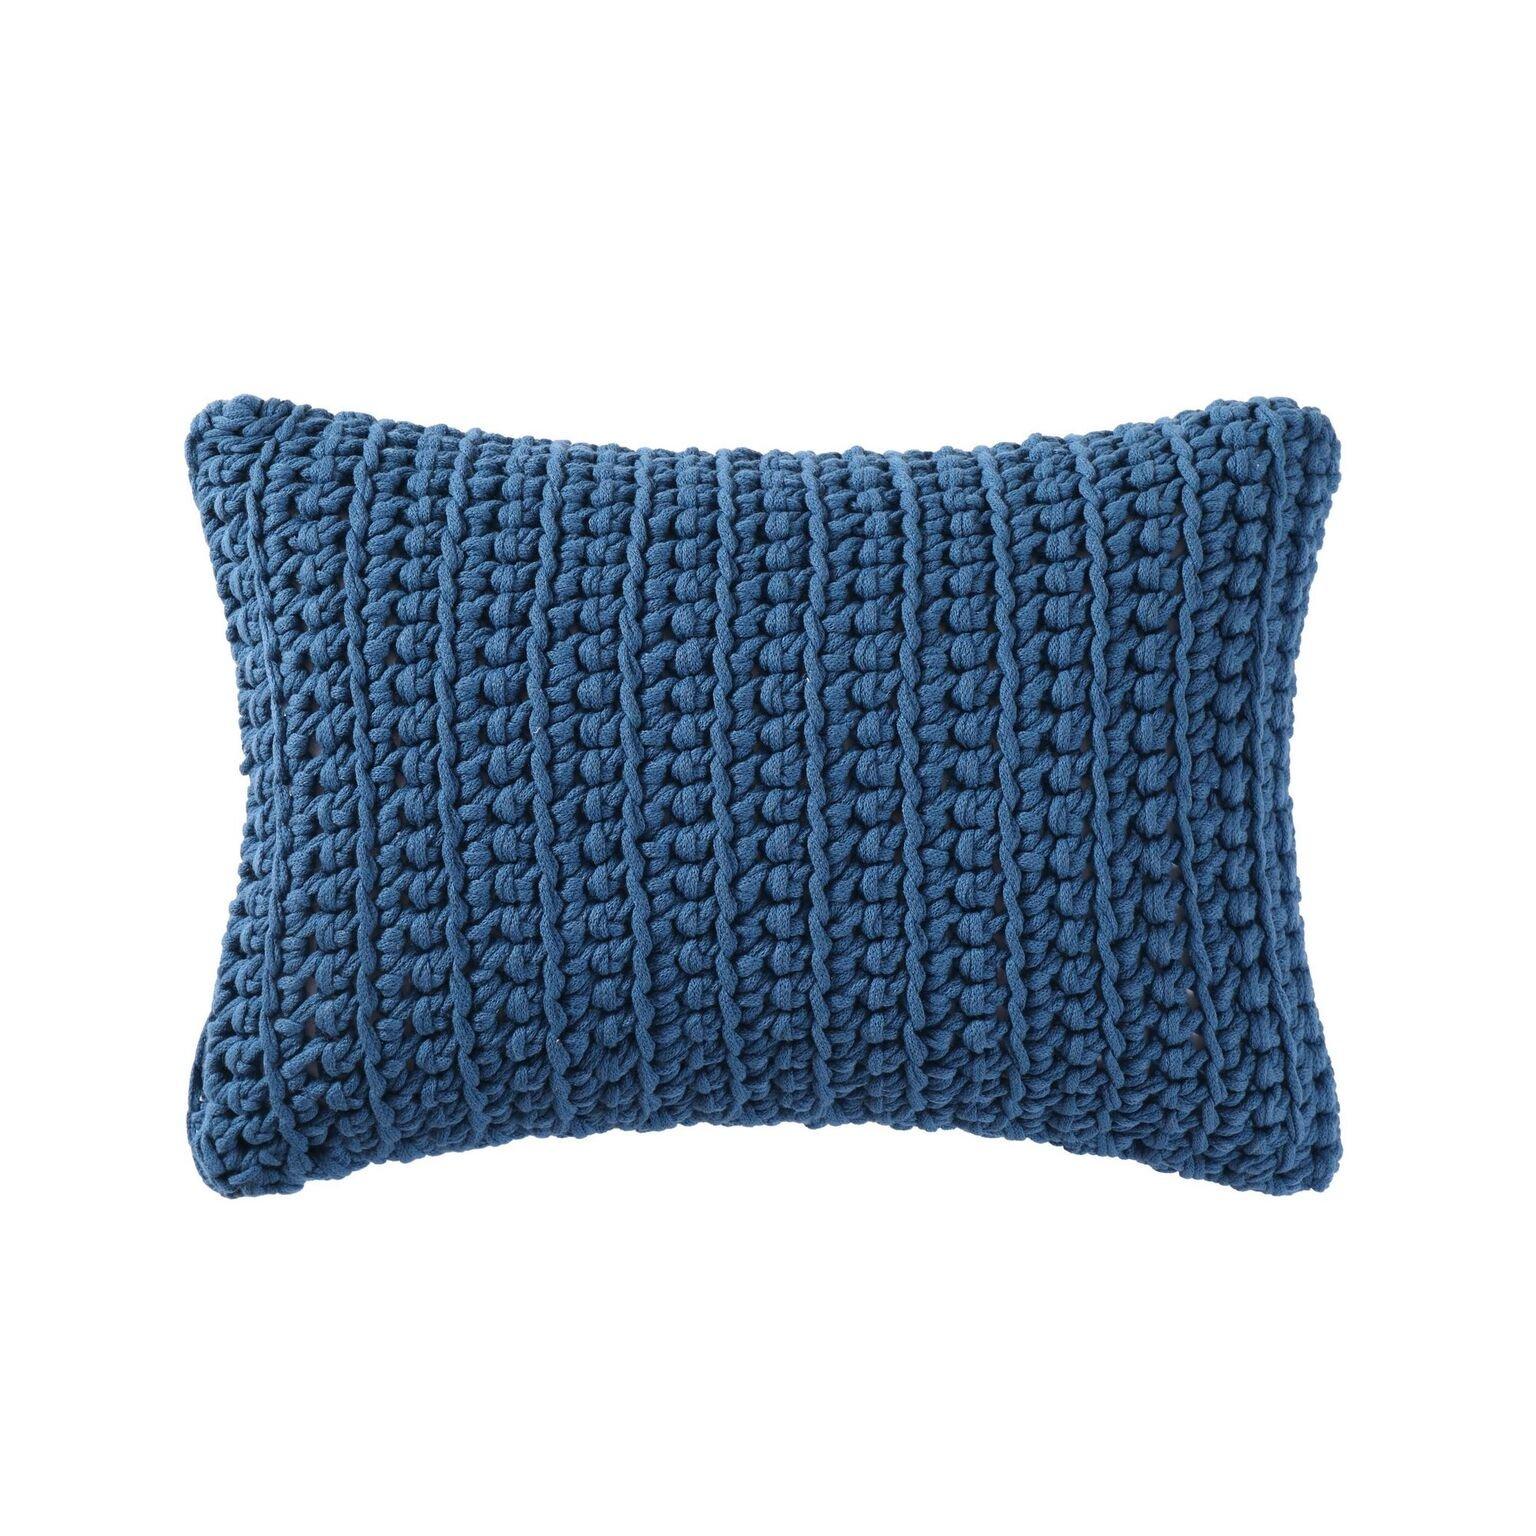 Brooklyn Loom Chambray Loft 14'' x 22'' Decorative Pillow in Aqua (Matches Blue Set), 14x22 Piillow